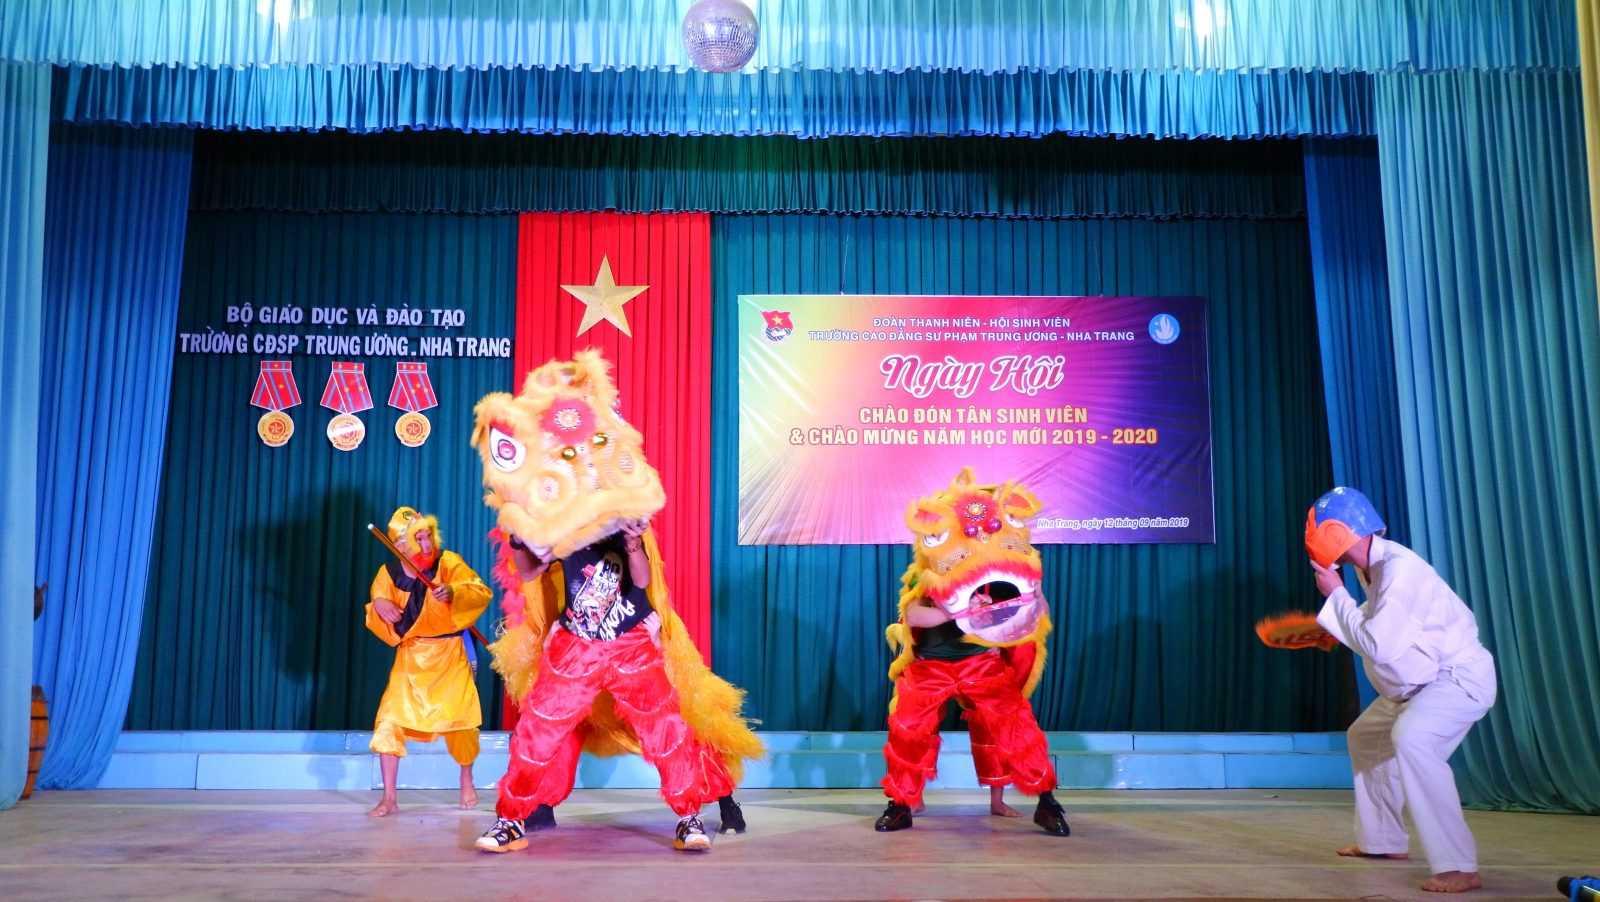 TRƯỜNG CĐSP TRUNG ƯƠNG NHA TRANG: Dạ hội chào tân sinh viên và chào mừng Năm học mới 2019 - 2020 6